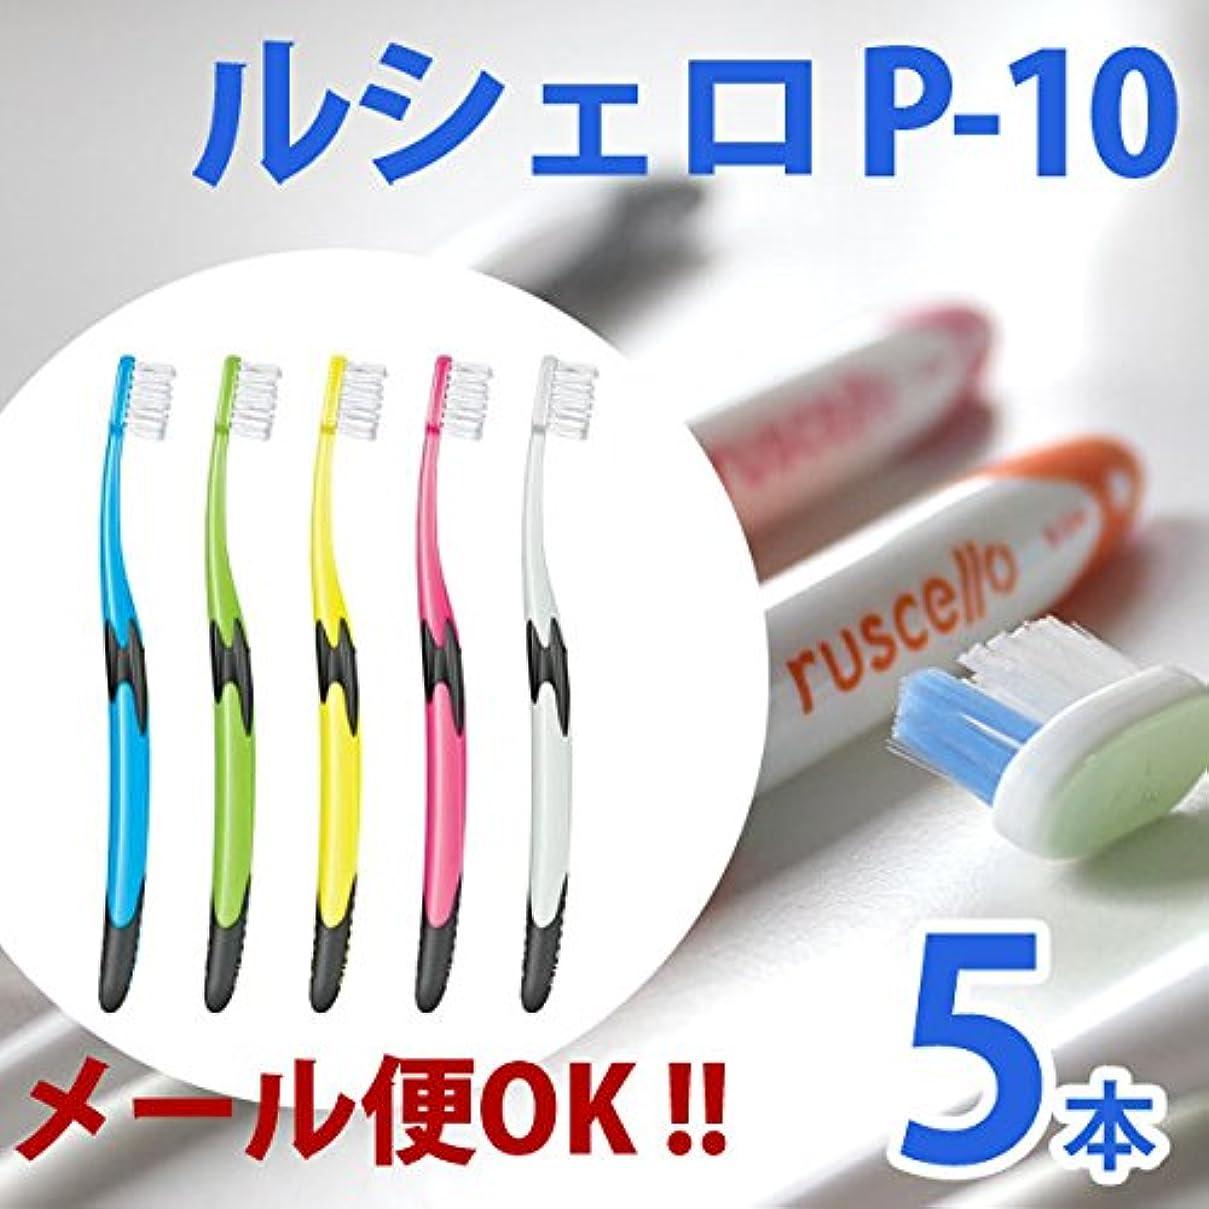 追放する独裁フラスコルシェロ GCシェロ 歯ブラシP-10 5色アソート 5本セット 歯周疾患の方向け。極細のテーパー毛が Sやわらかめ